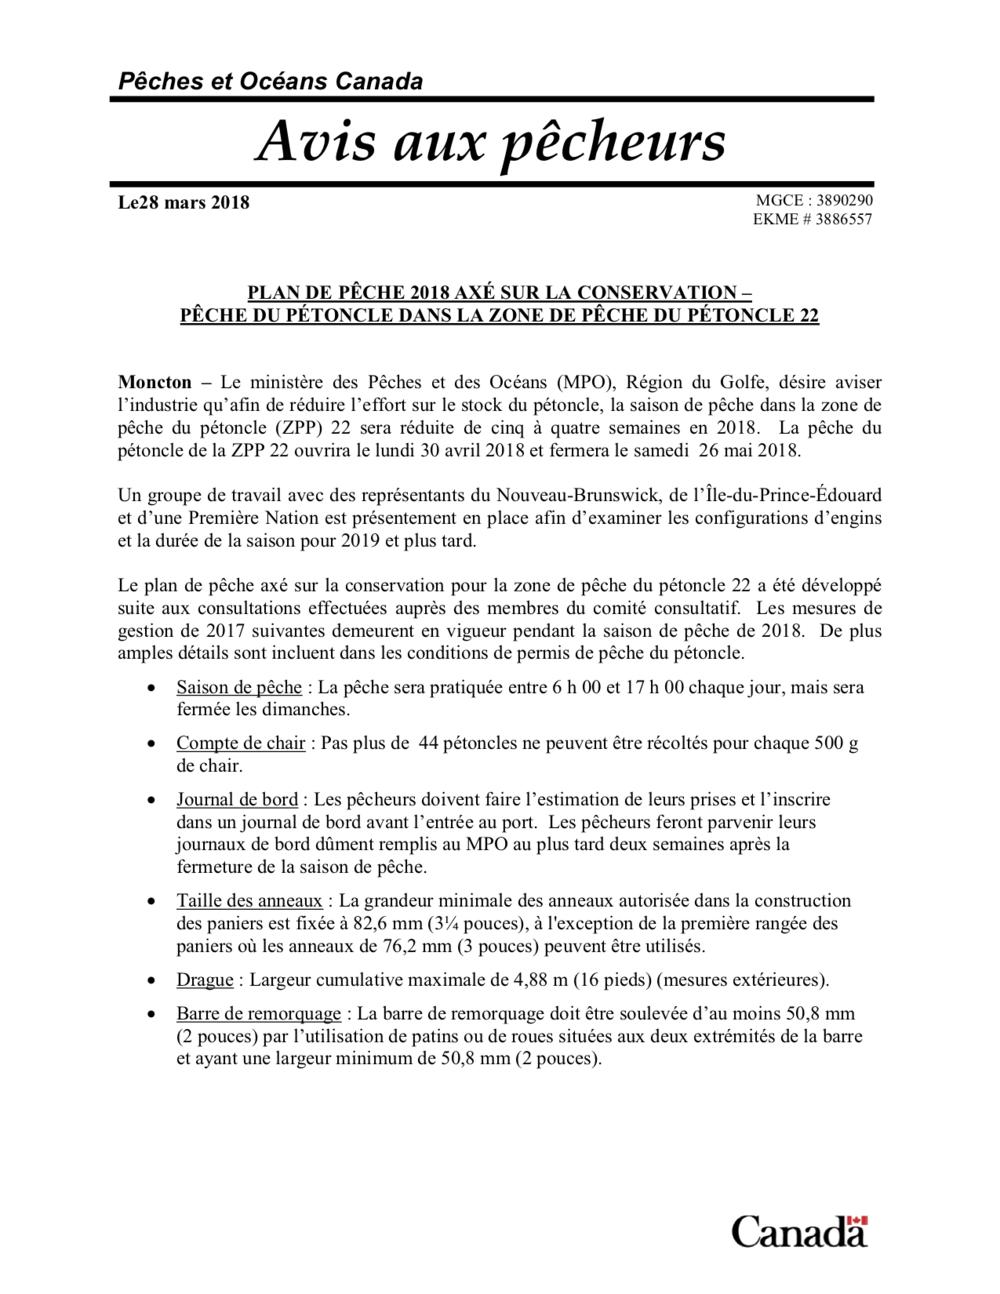 2018_SCALLOP_SFA_22_-_Avis_aux_pêcheurs_(Plan_de_pêche).png